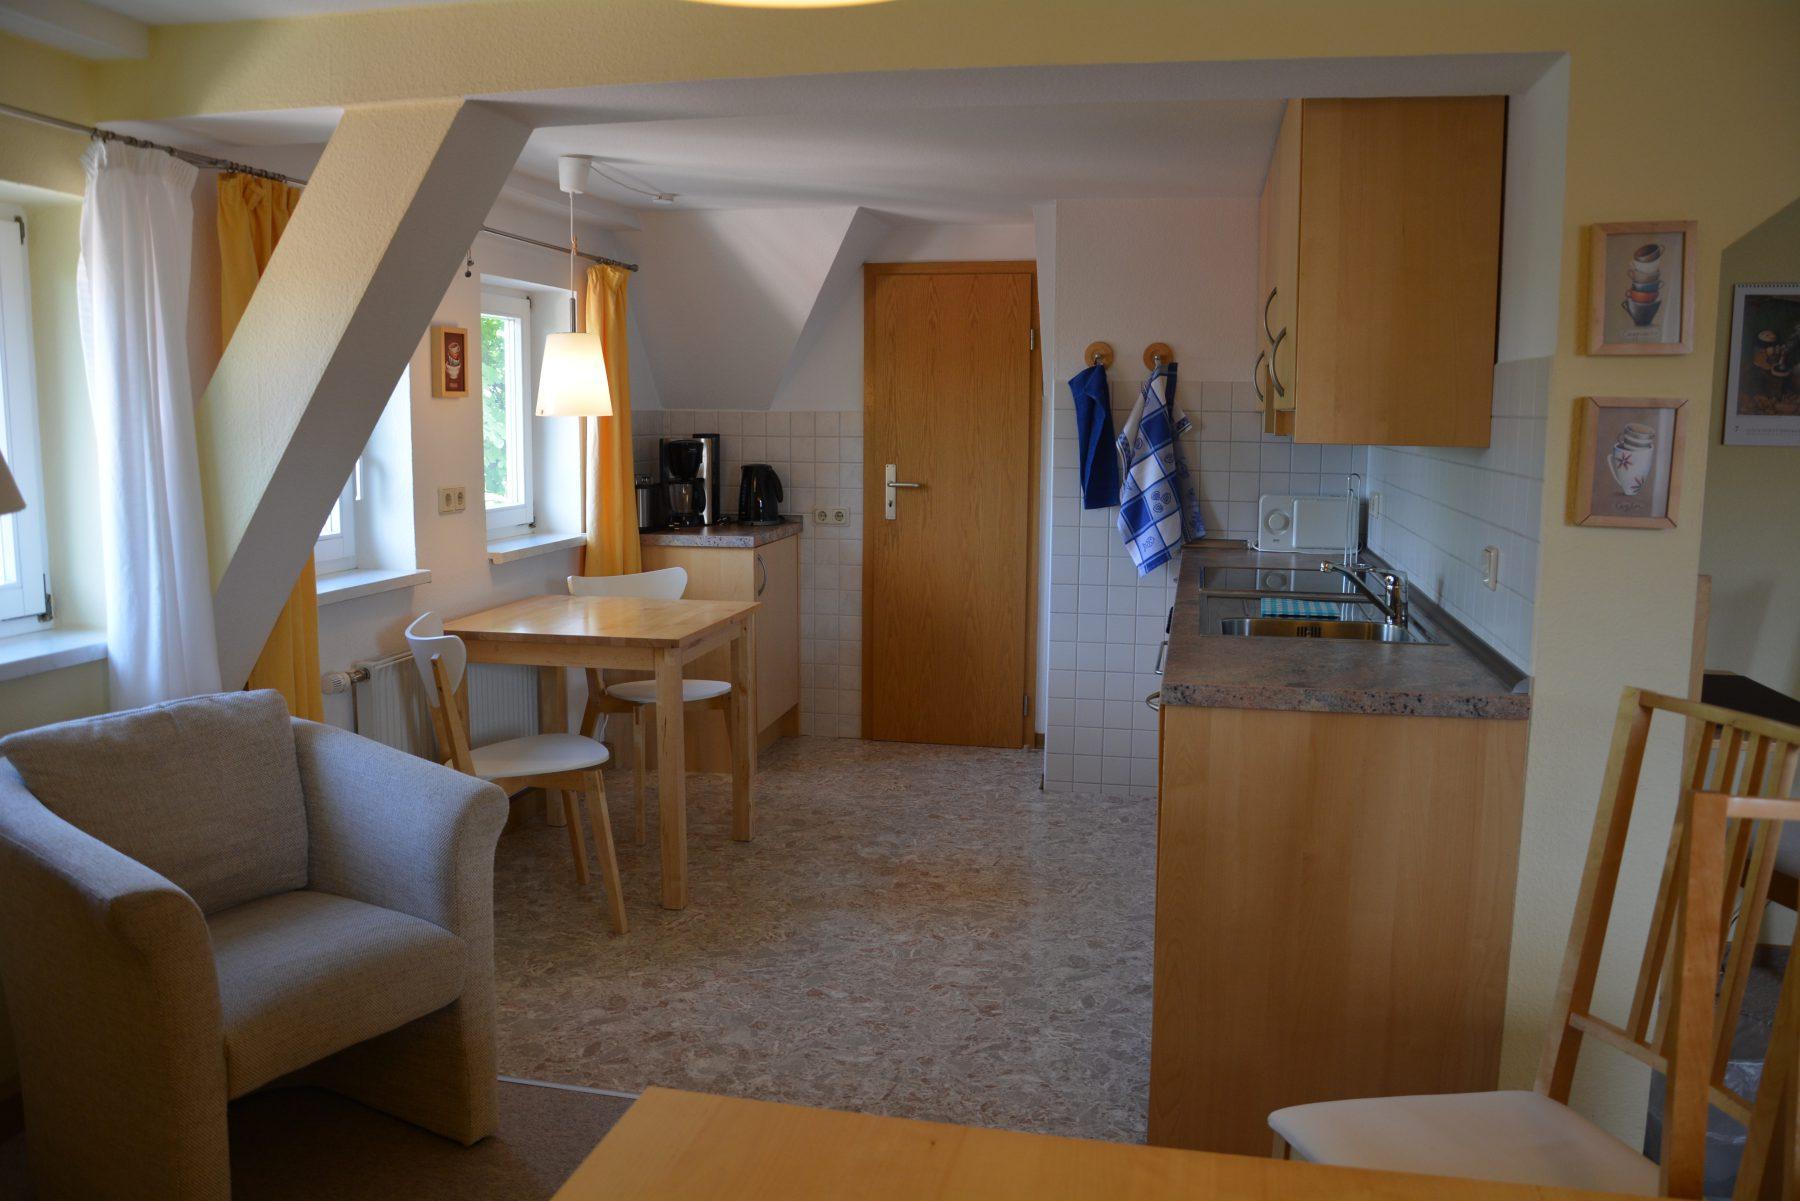 Ferienwohnung im Verlegerhaus Seiffen Kategorie N4 Küche